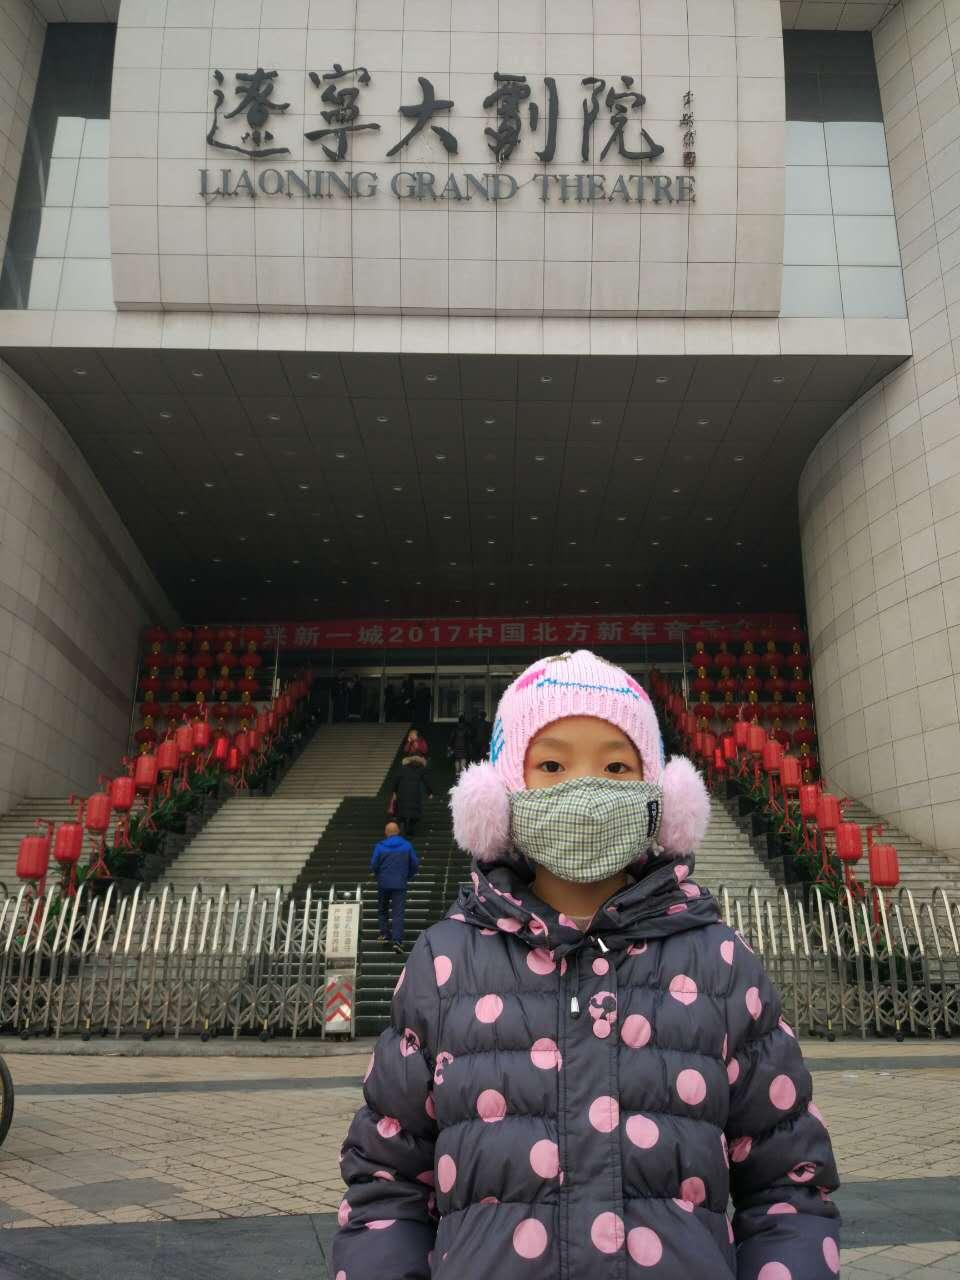 我与辽宁大剧院的合影,爸爸的摄影技术可不咋么样:(